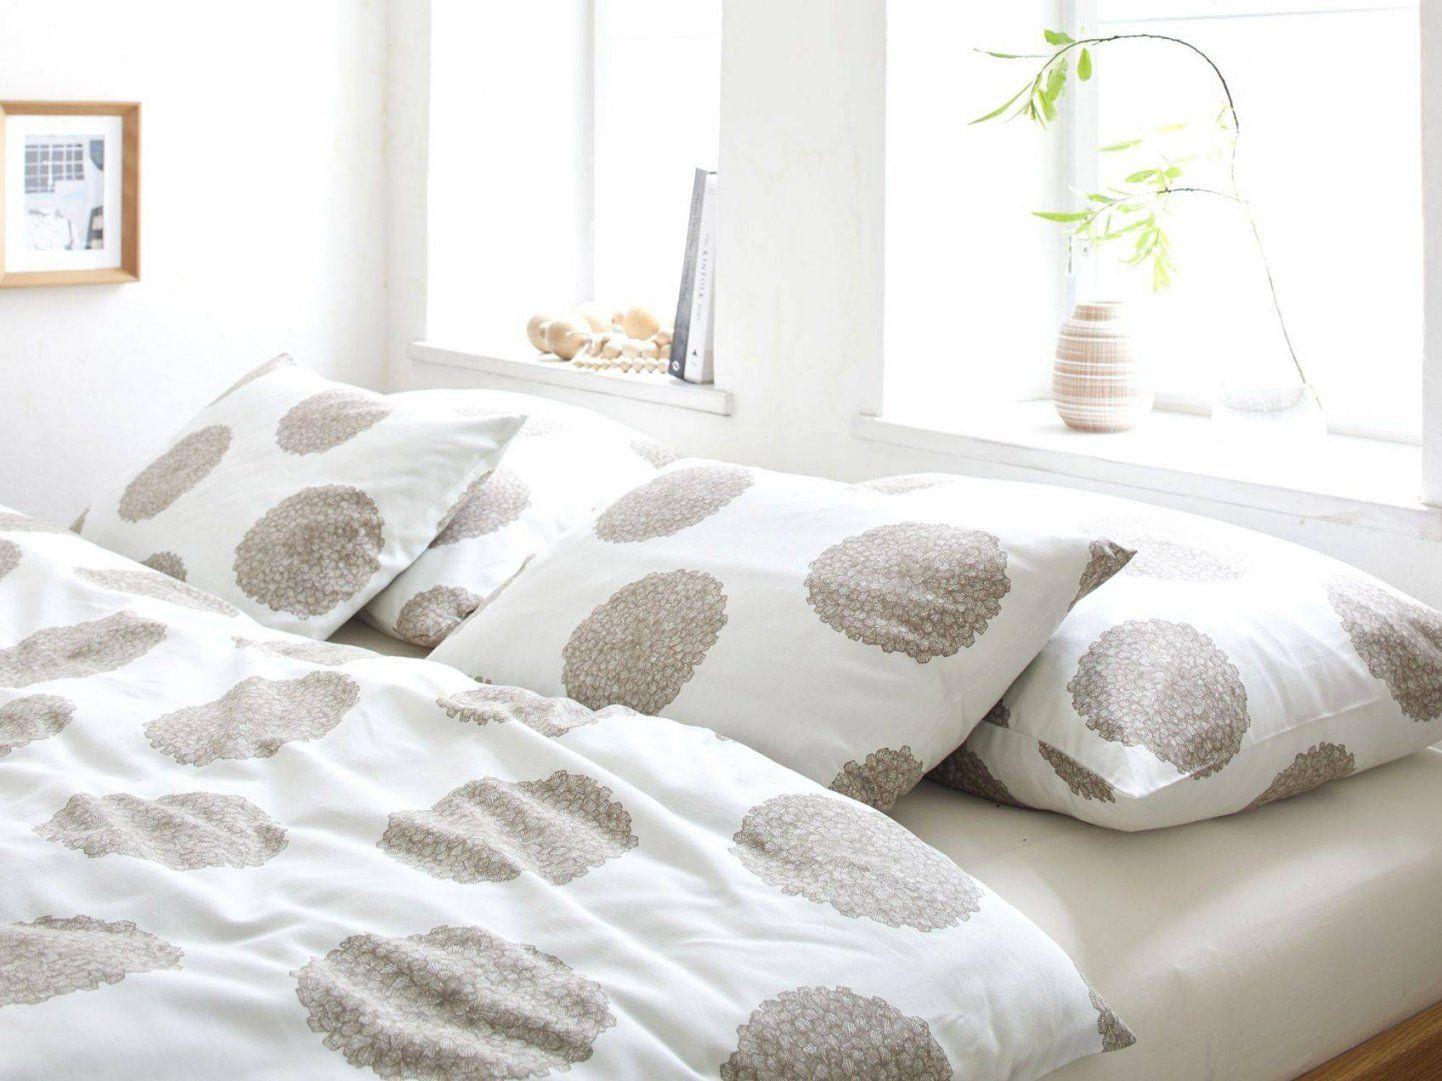 Inspiration Grüne Erde Bettwäsche Und Schöne Deckenüberzug Delia Von von Grüne Erde Bettwäsche Bild